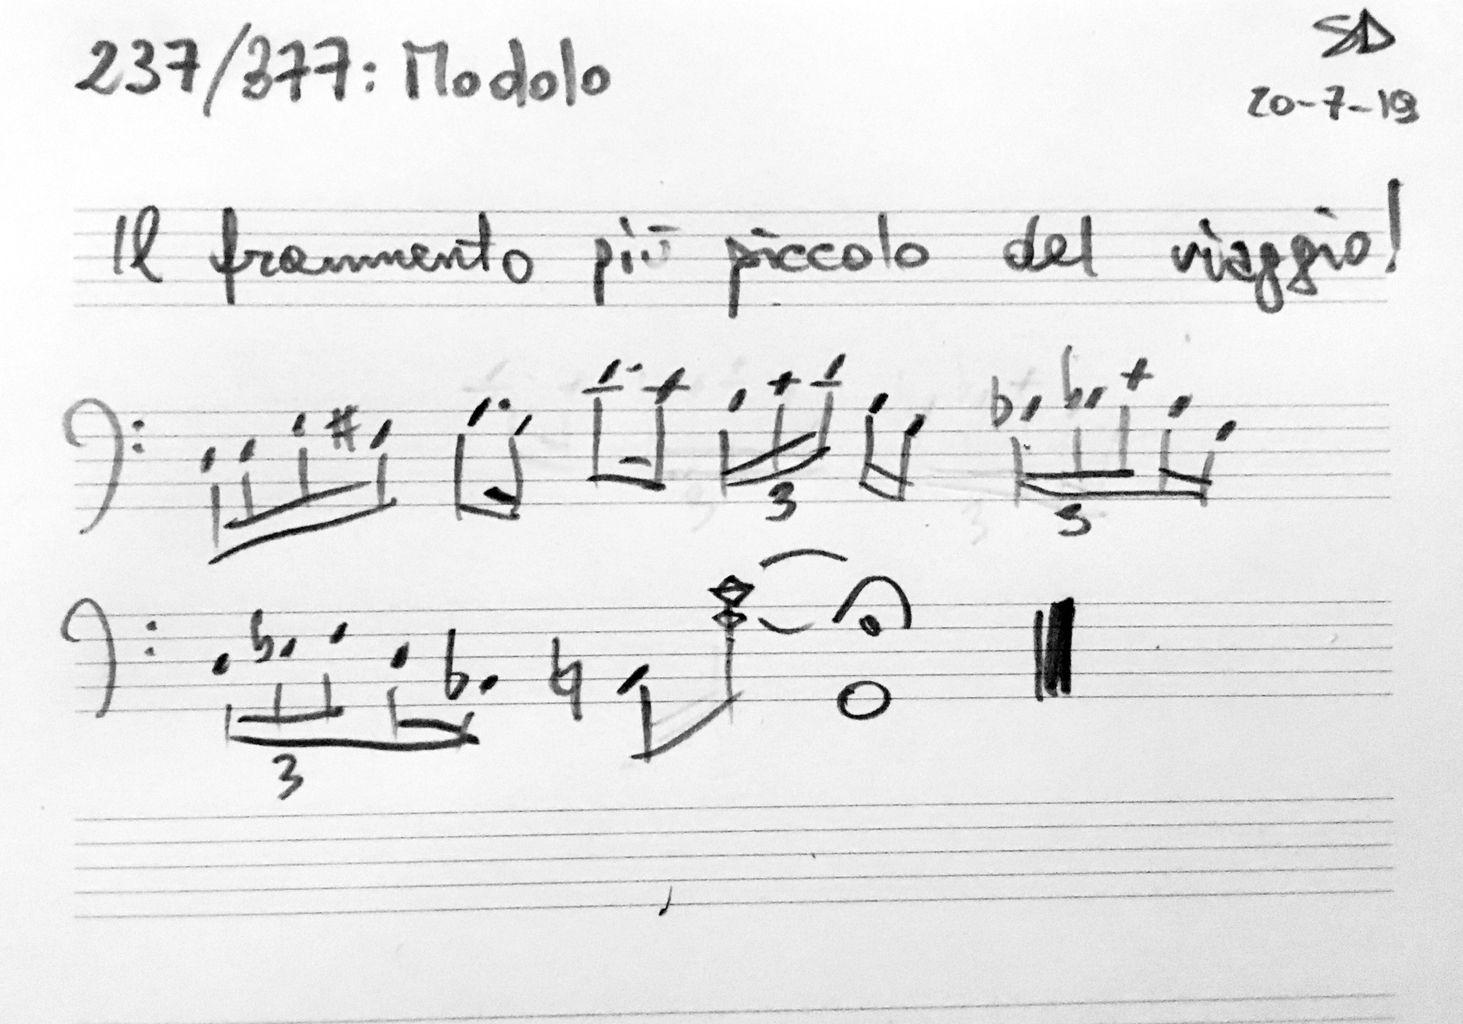 237-Modolo-score